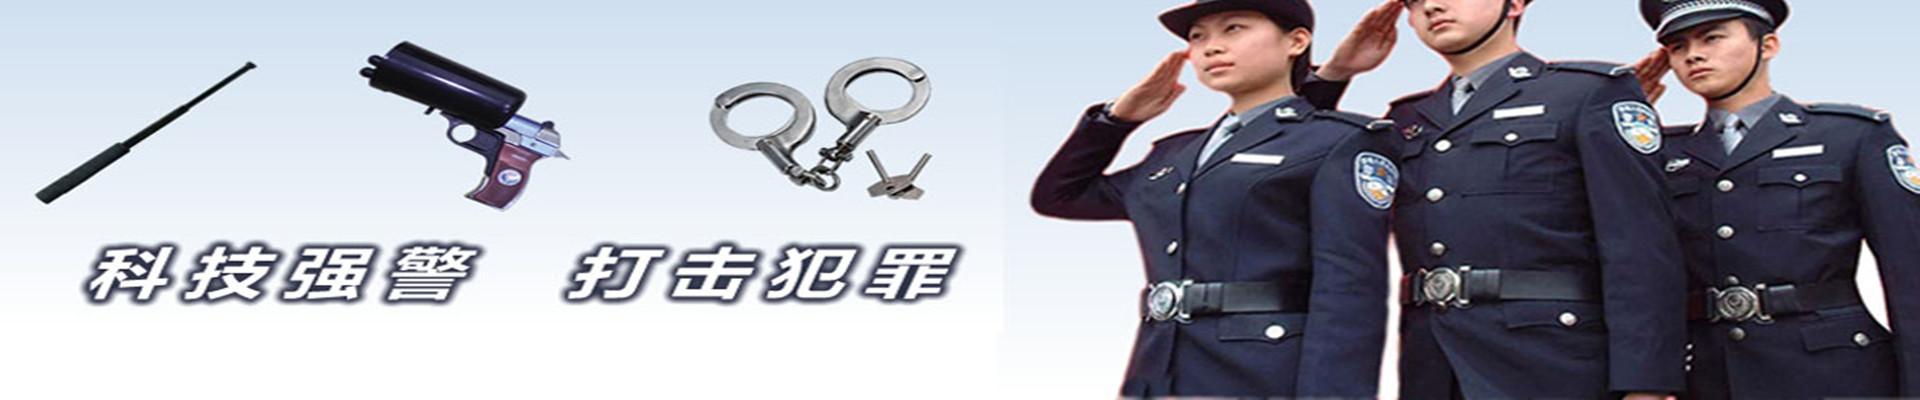 安保器材专卖